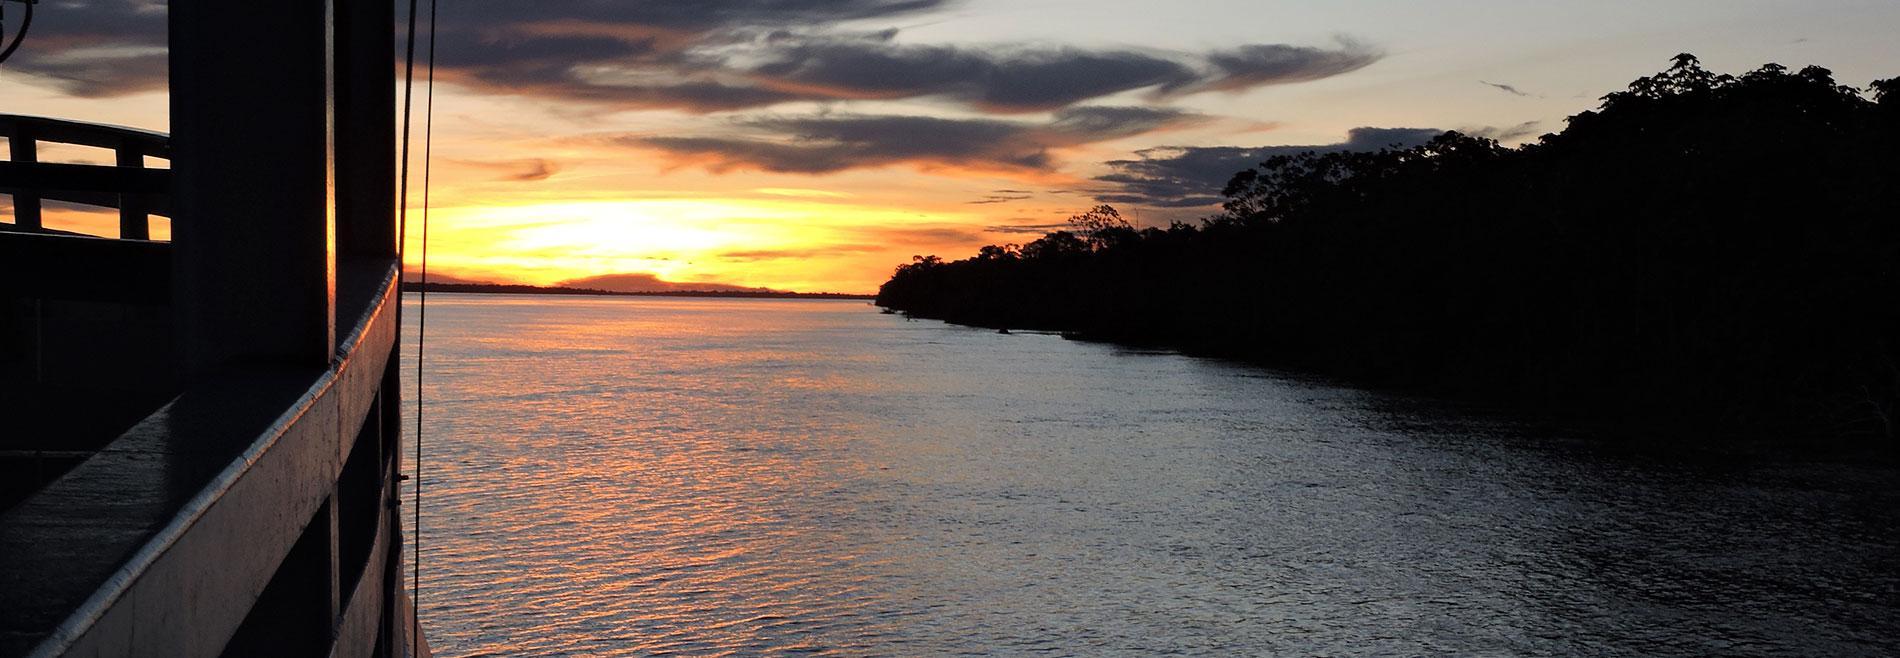 Diario de viaje en barco por el Amazonas de Brasil